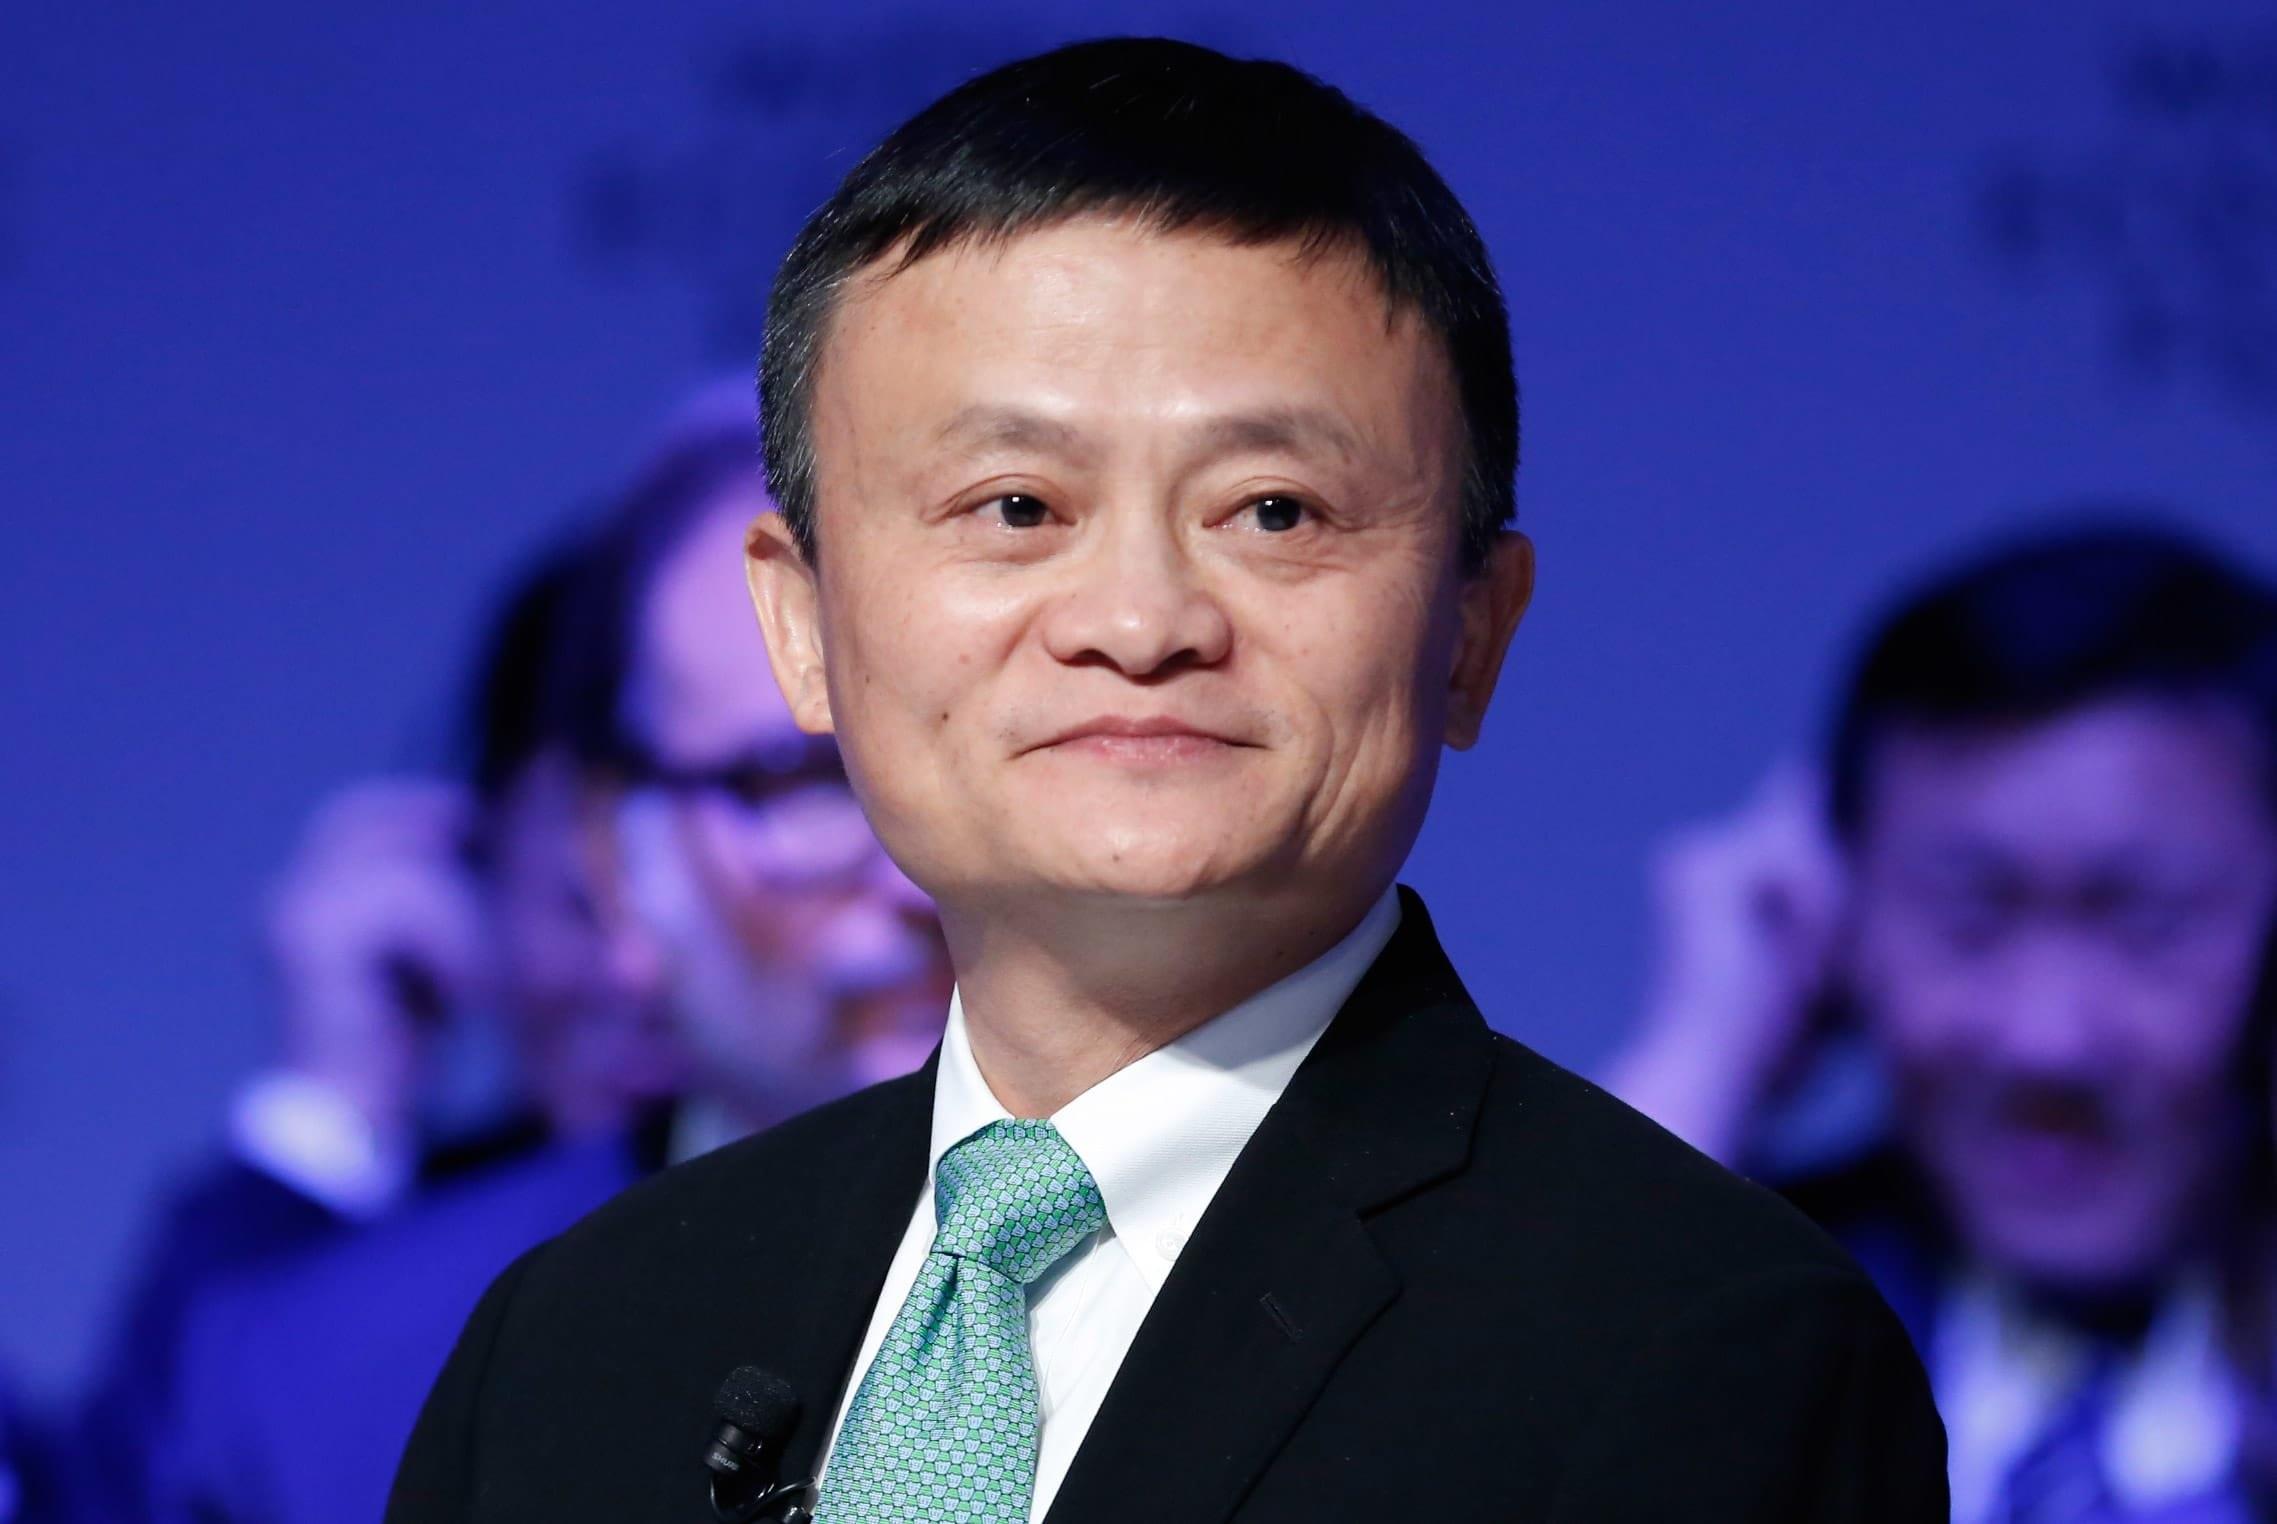 Jack Ma biến mất, Alibaba ngấm đòn và lời cảnh tỉnh từ Bắc Kinh - 1